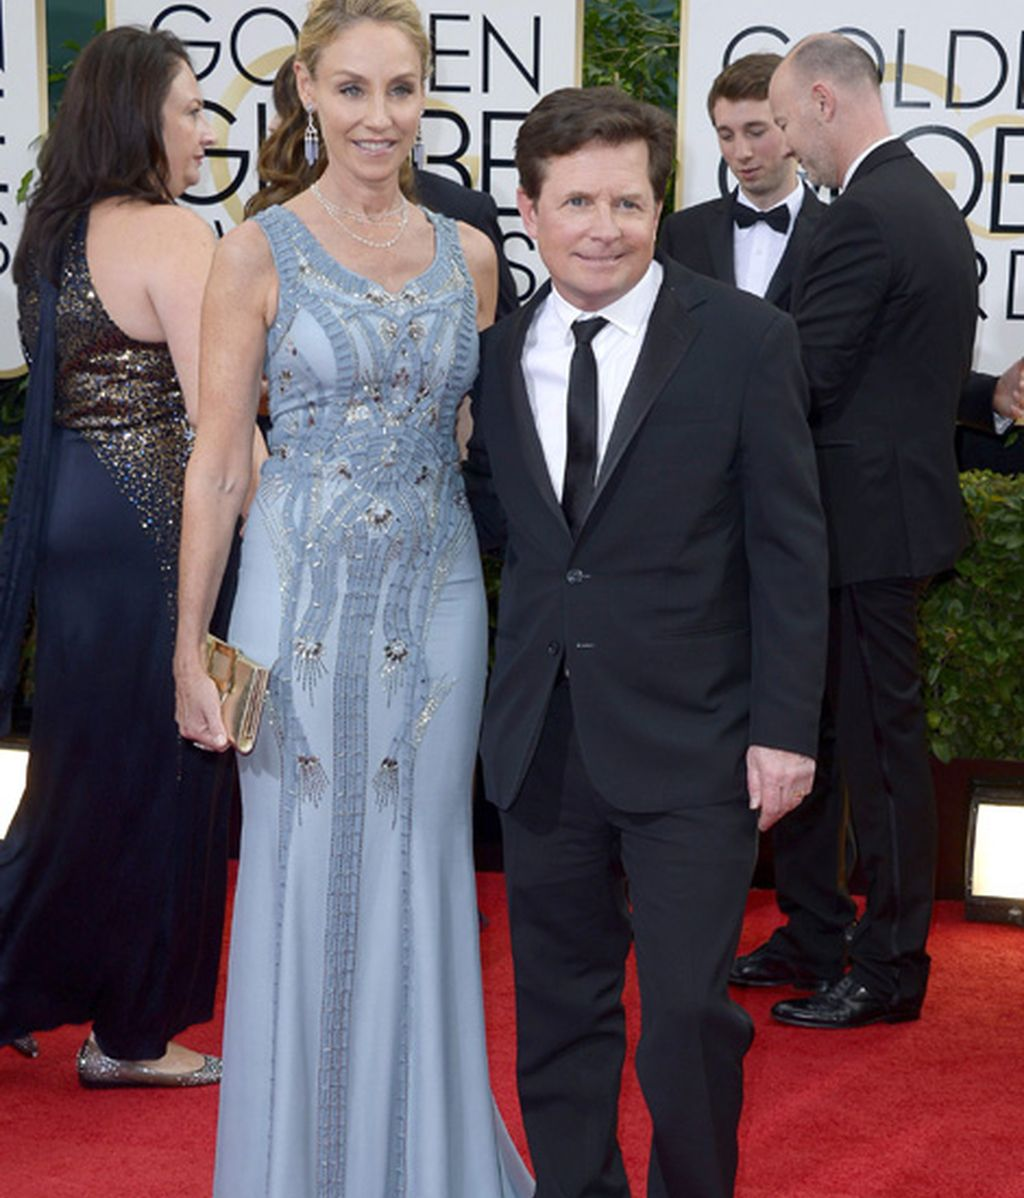 Michael J. Fox, nominado a mejor actor de comedia por 'The Michael J.Fox show', y su esposa, Tracy Pollan